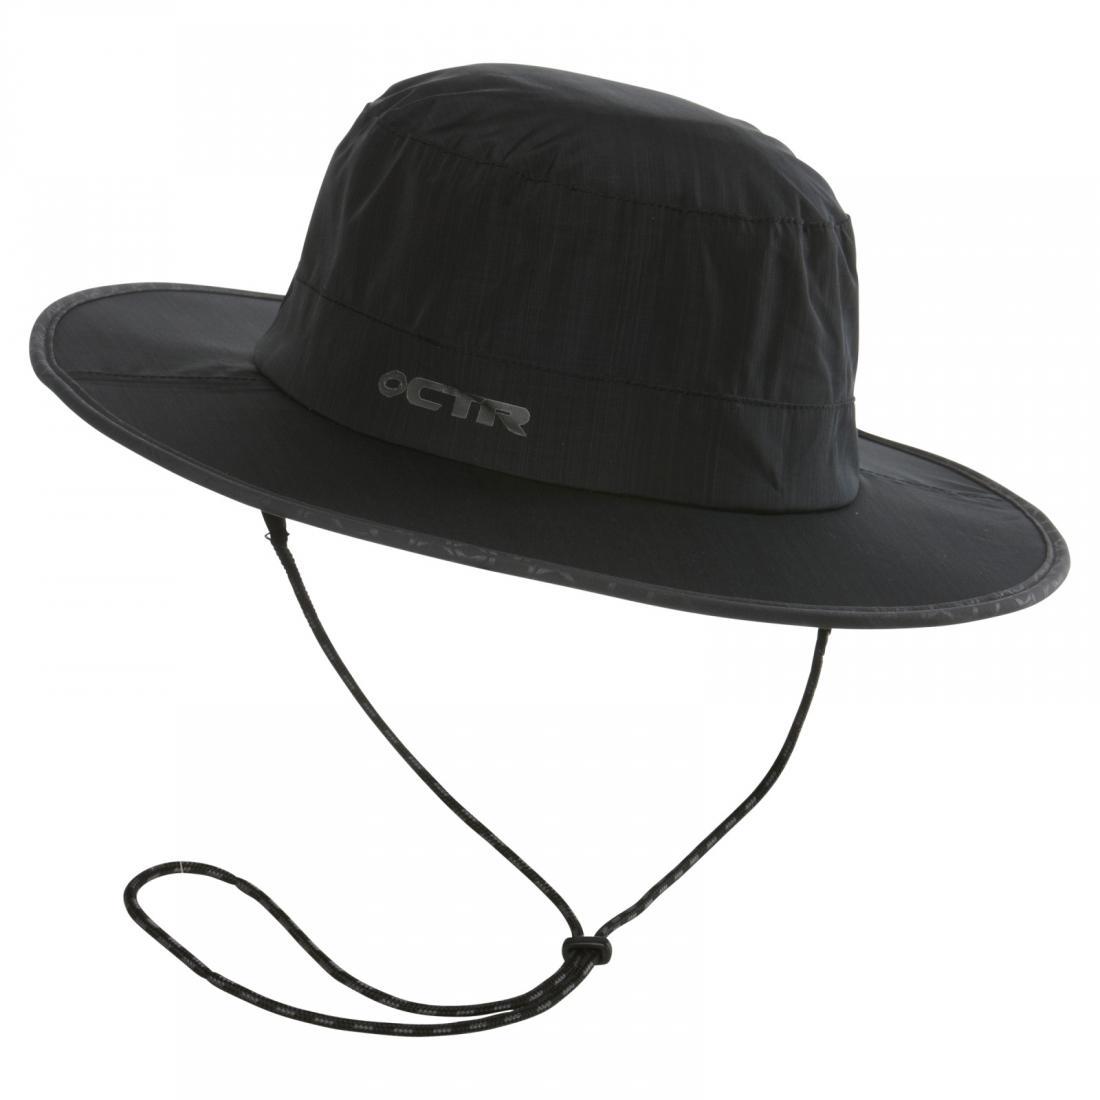 Панама Chaos  Stratus Boat HatПанамы<br><br> Удобная панама классической формы Stratus Boat Hat — это стильное решение для путешественников от фирмы Chaos. Она пригодится вам в любую погоду...<br><br>Цвет: Черный<br>Размер: S-M